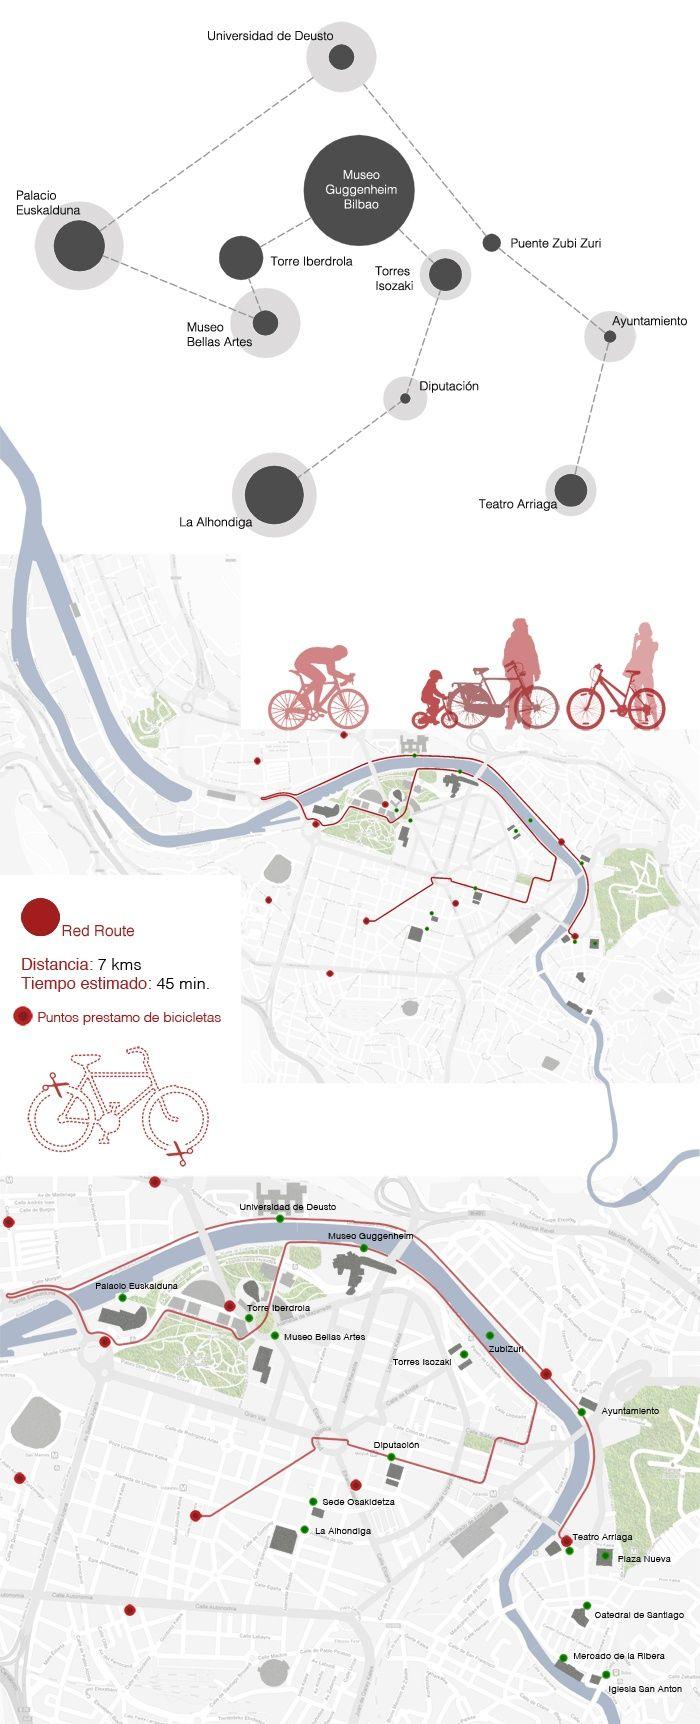 Bike Route www.bilbaoarchitecture.com